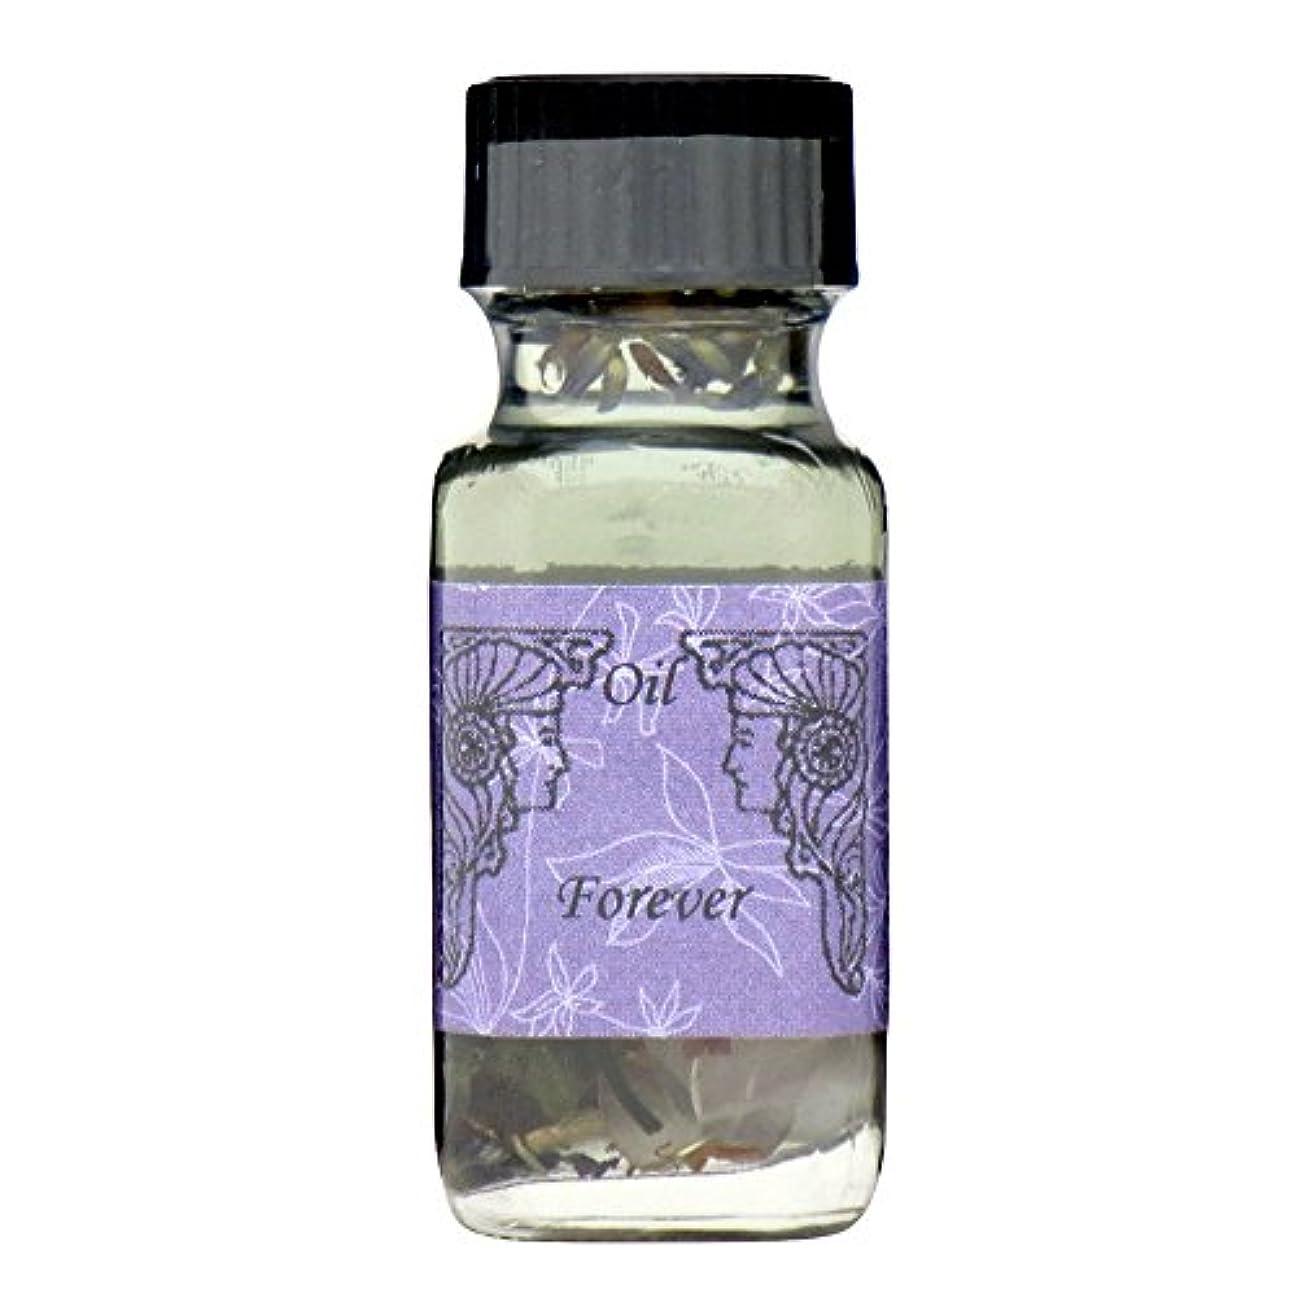 尾スーツ傾向があるアンシェントメモリーオイル フォーエバー (永続的な関係) 15ml (Ancient Memory Oils)